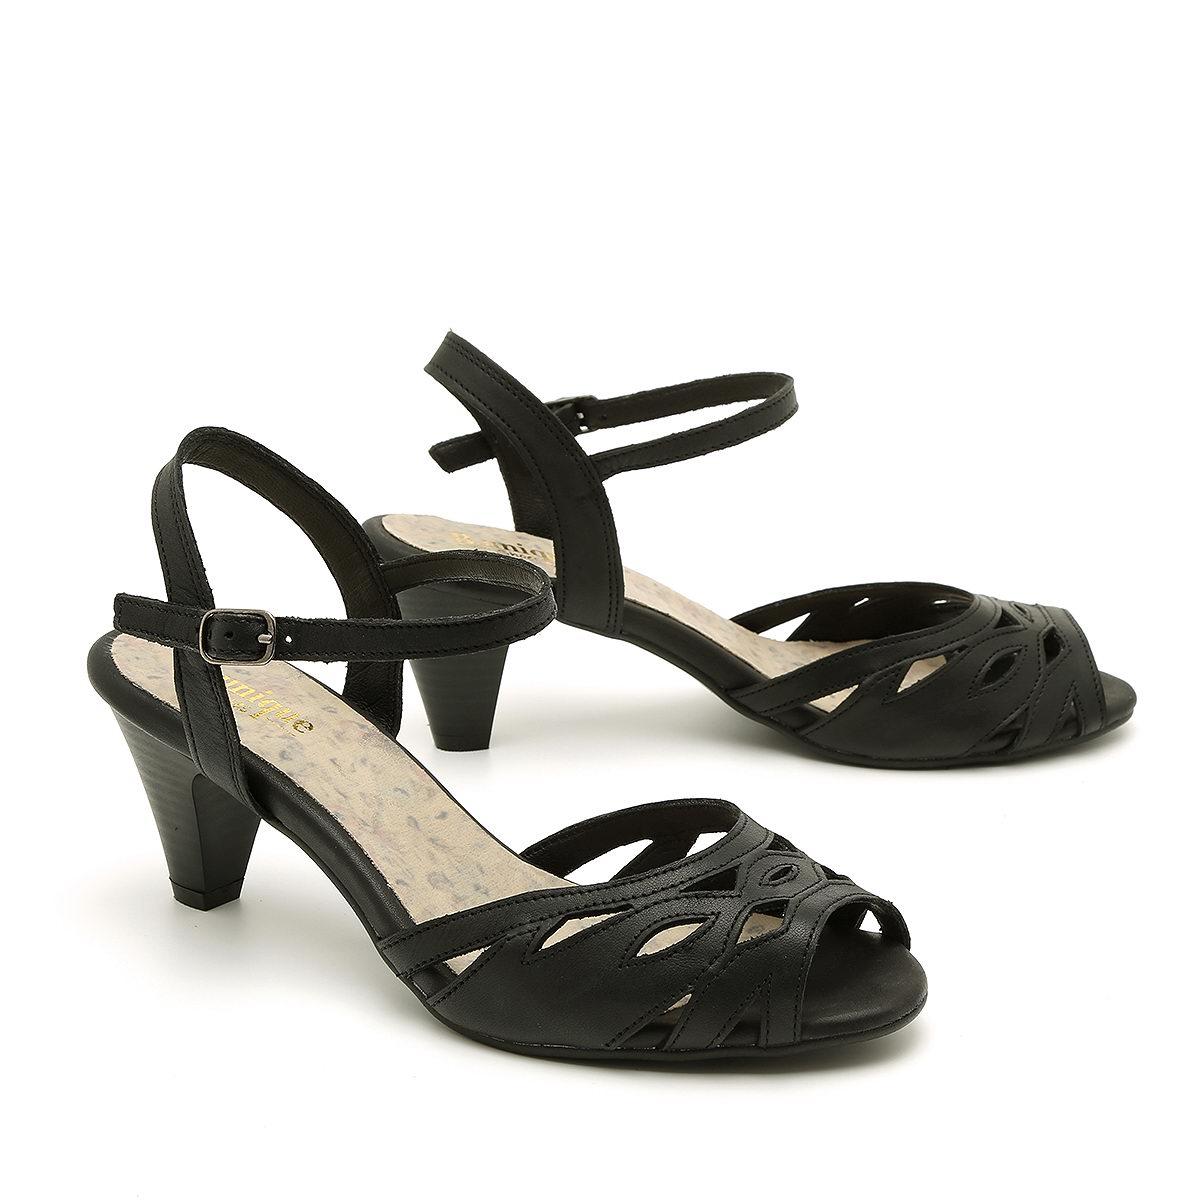 בלעדי לאתר - דגם אלזה: נעלי עקב לנשים